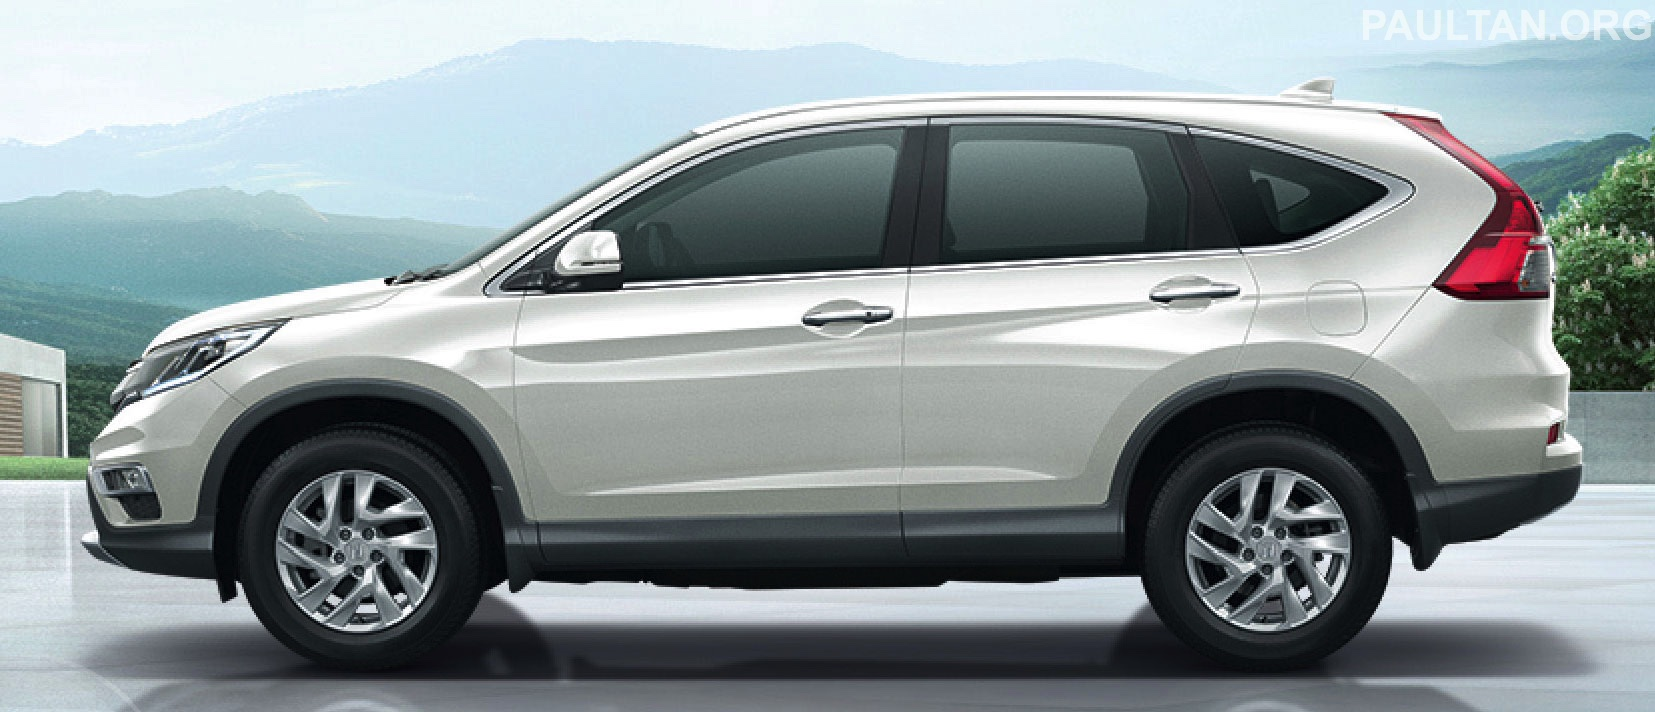 Kelebihan Kekurangan Harga Honda Crv 2015 Harga